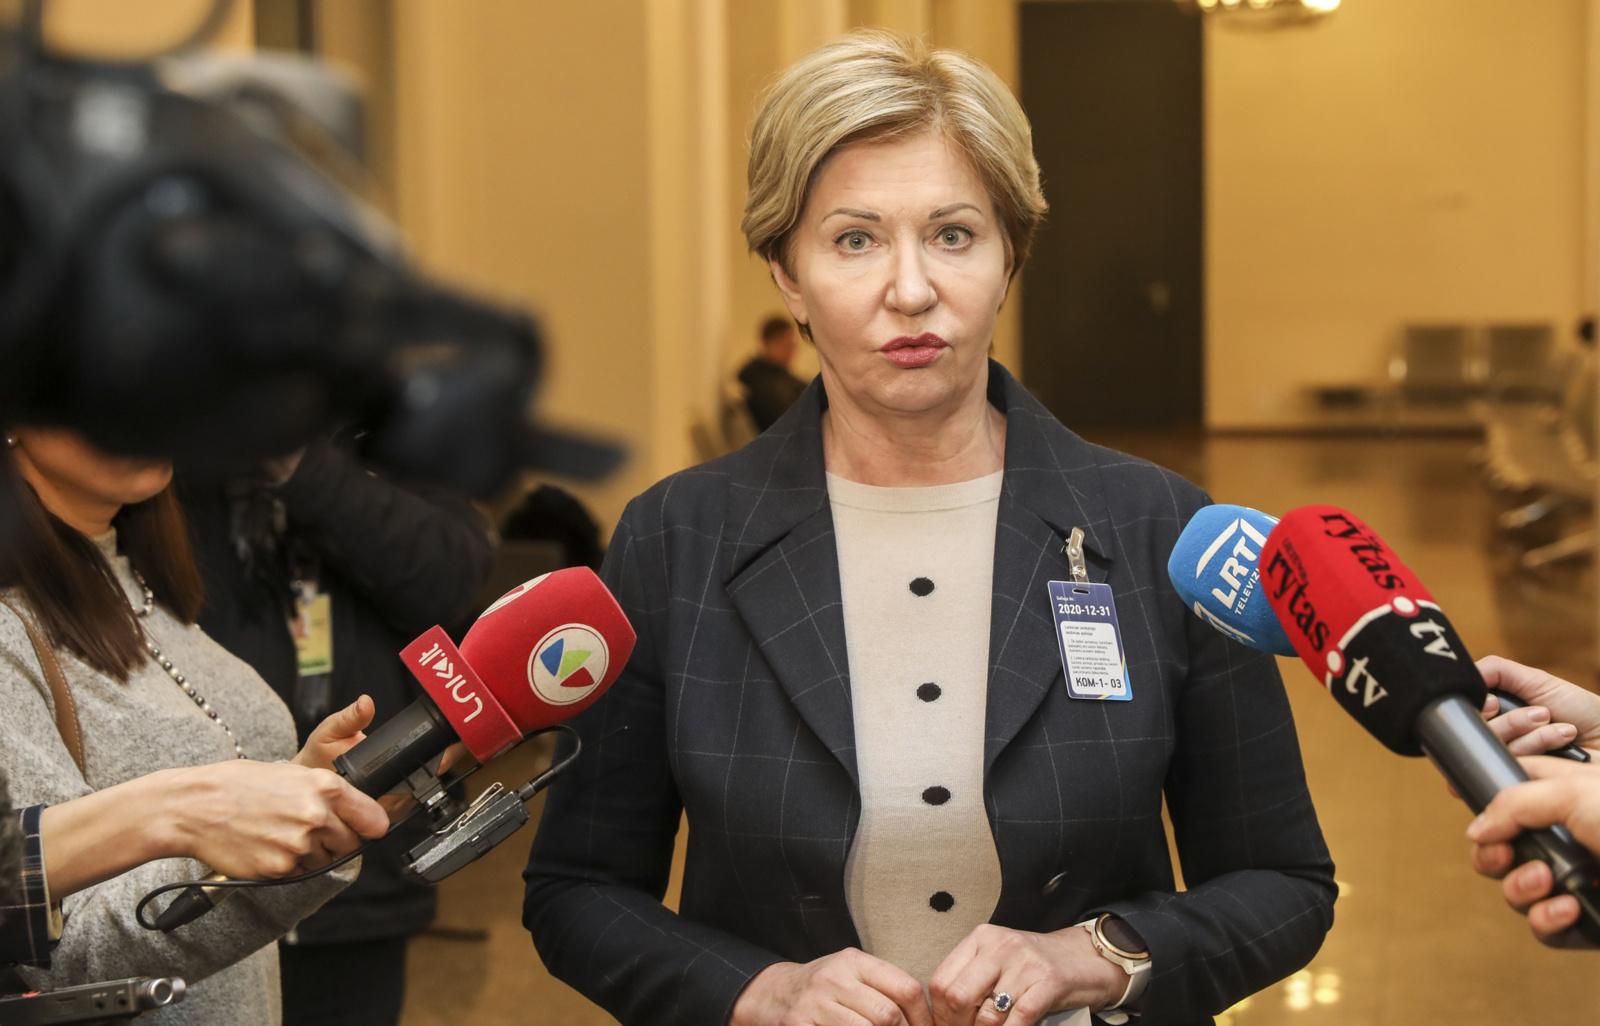 Lietuvoje dėl koronaviruso stebimi beveik 800 žmonių